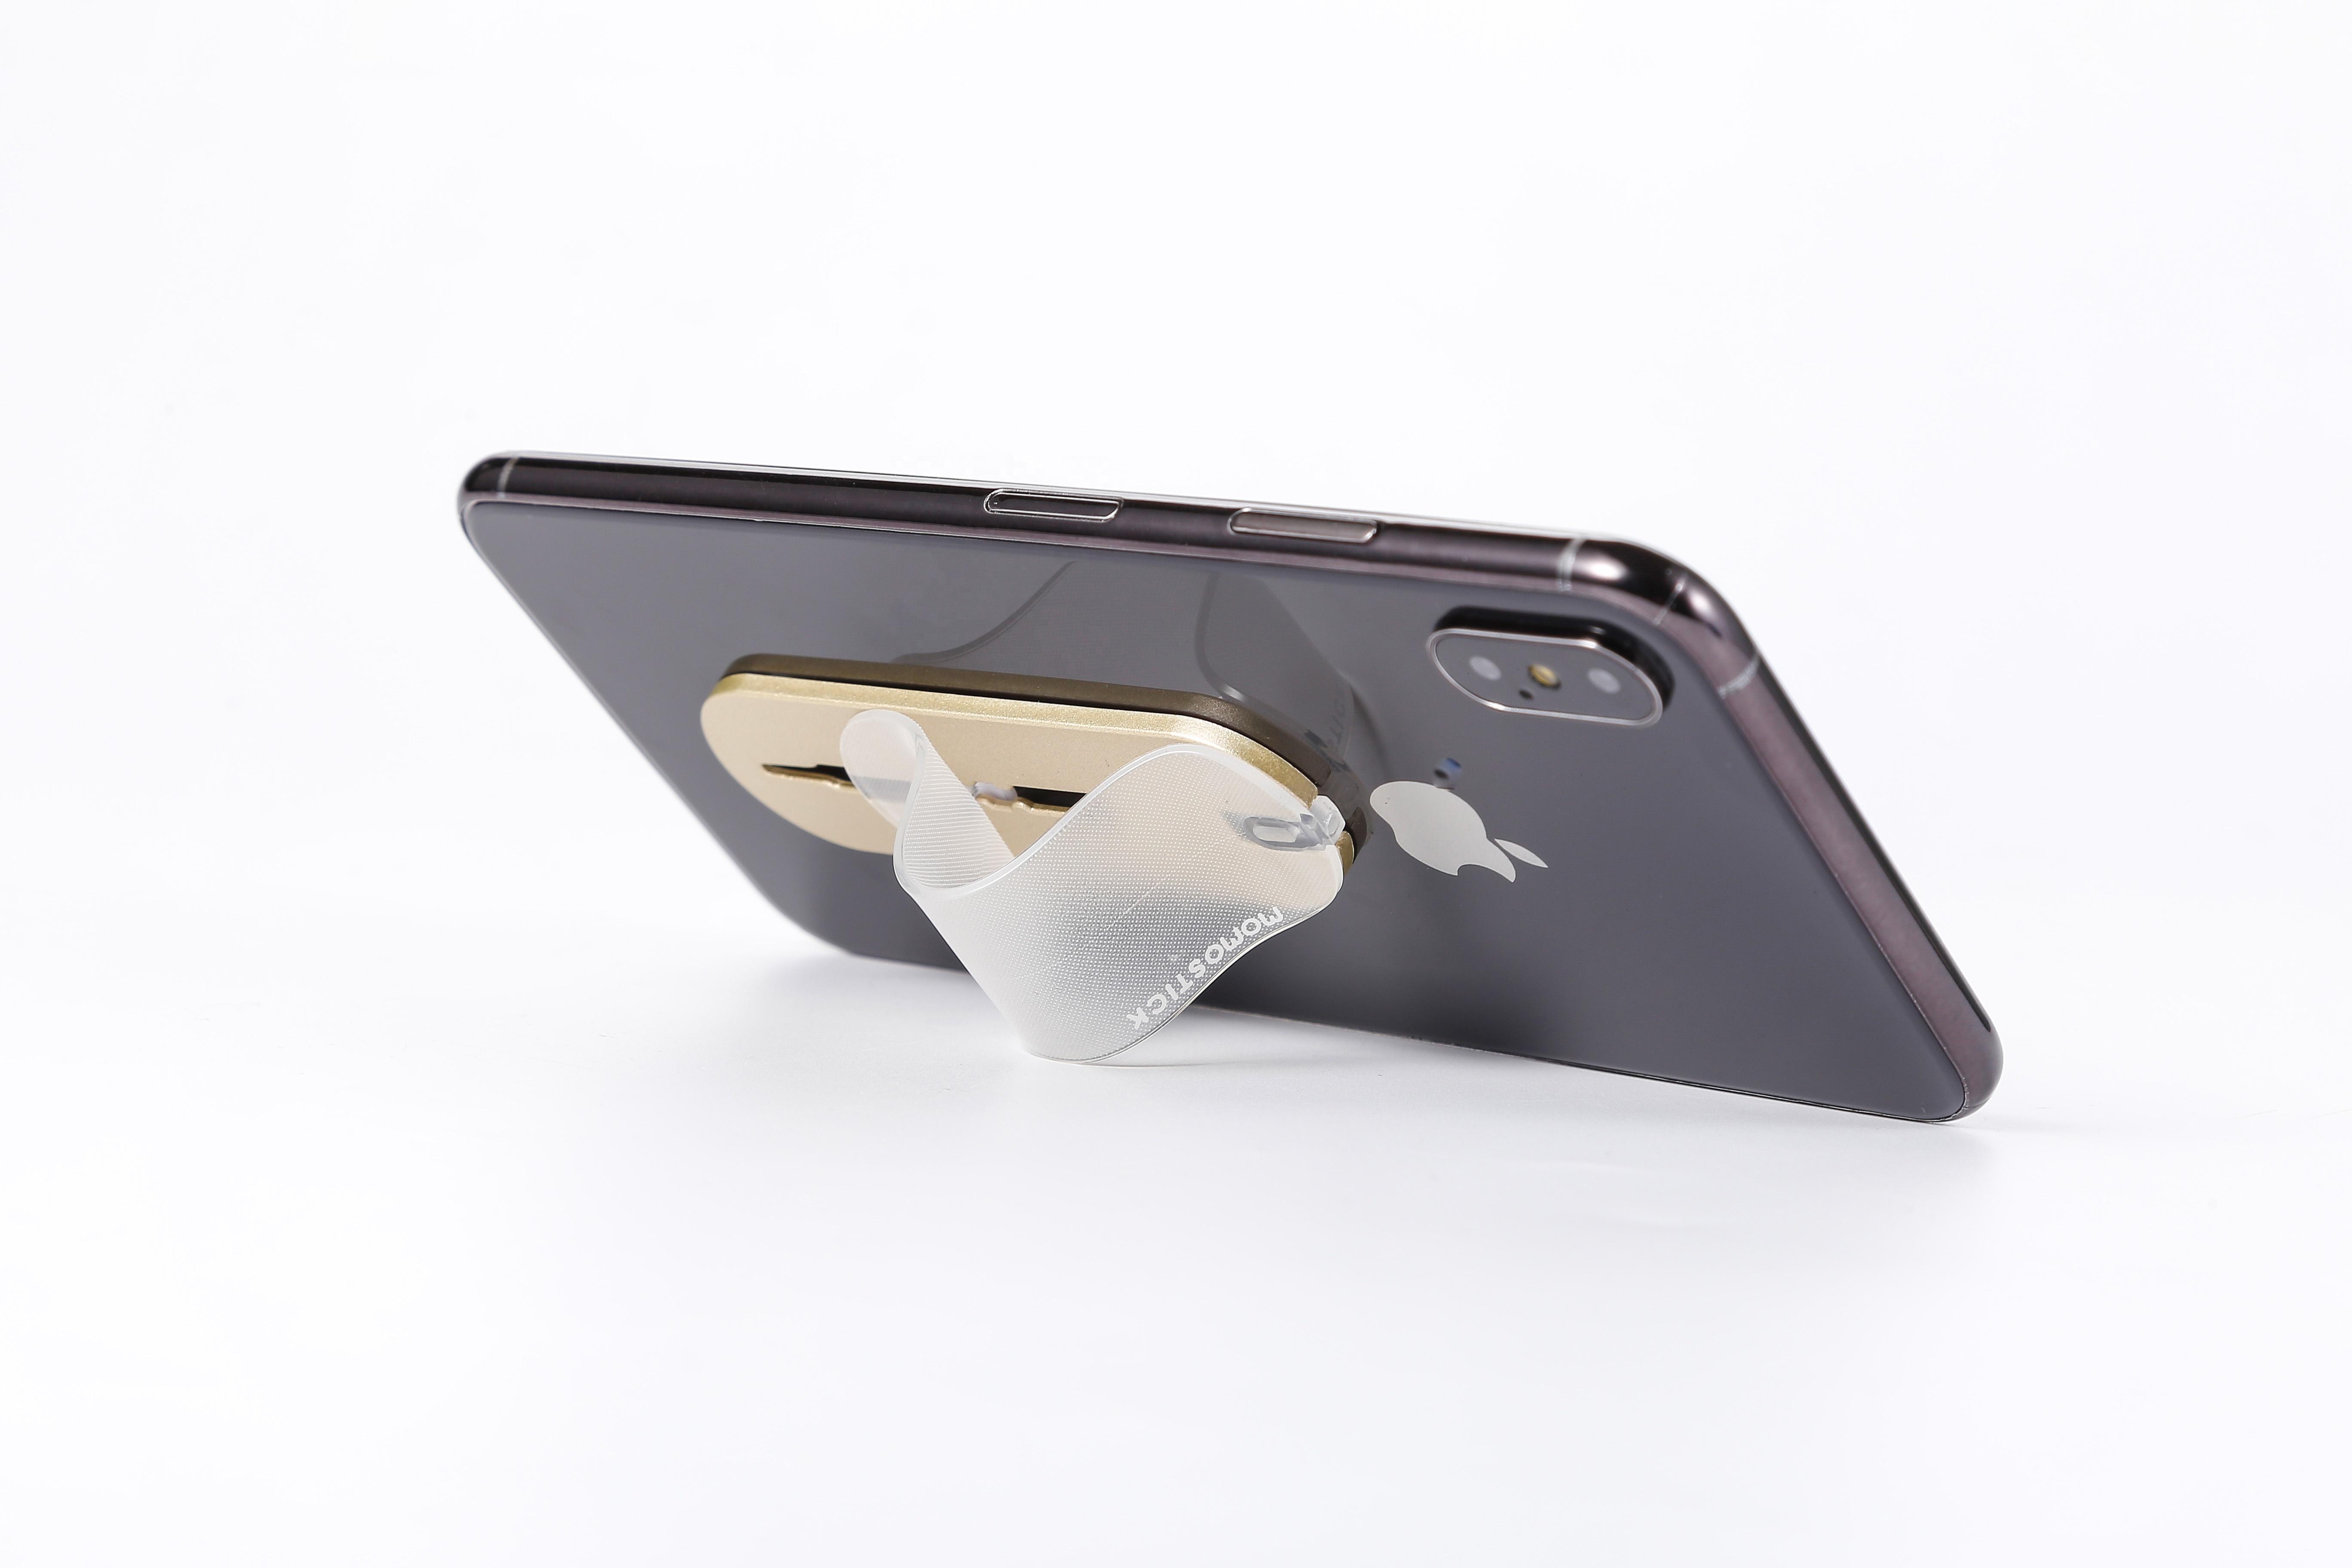 Kindle Tablet Car Vent Holder Sticky Gel Pad Stand Cellphone Support Finger Grip Clip Car Mobile Phone Bracket